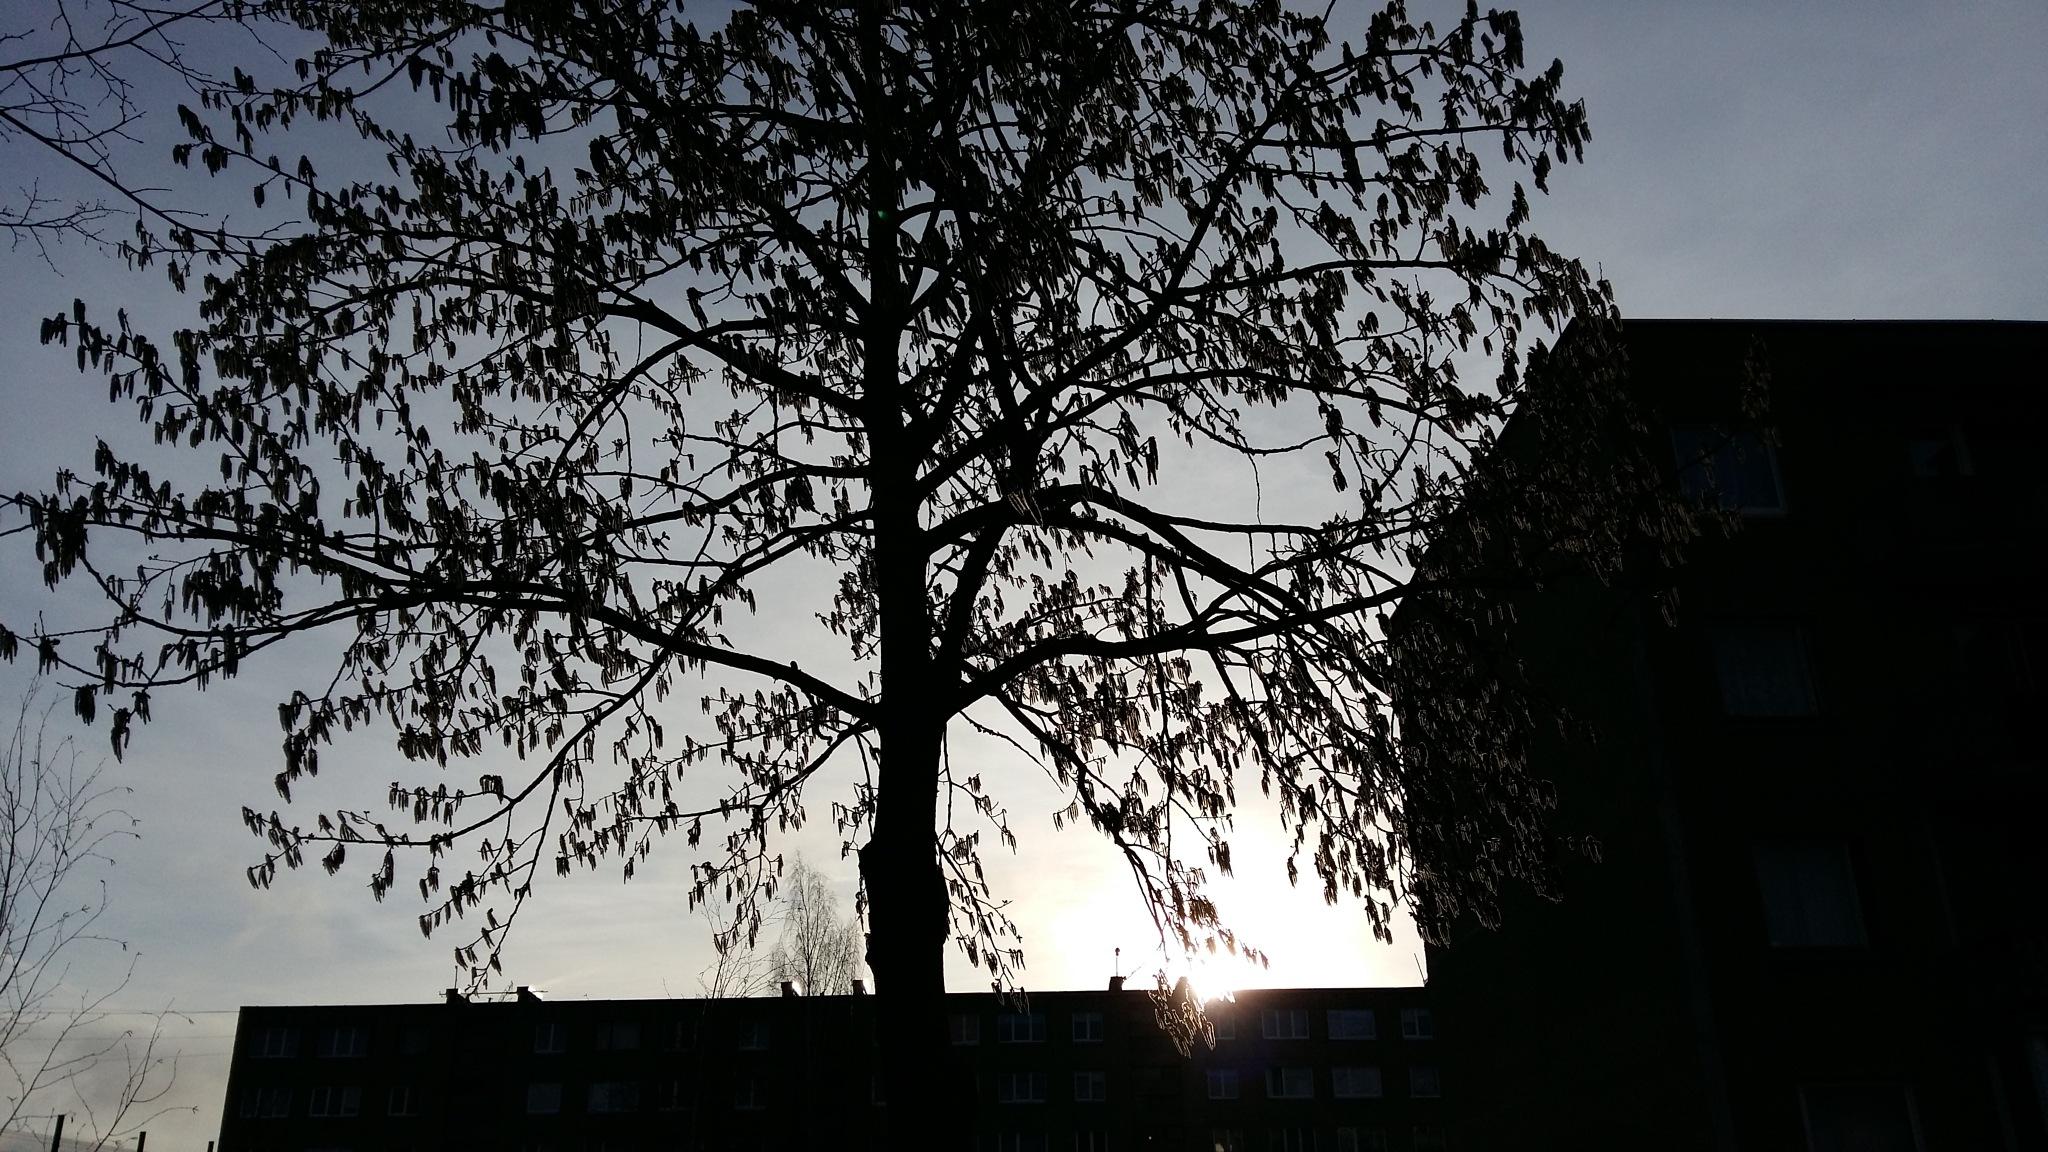 Silhouettes by uzkuraitiene62